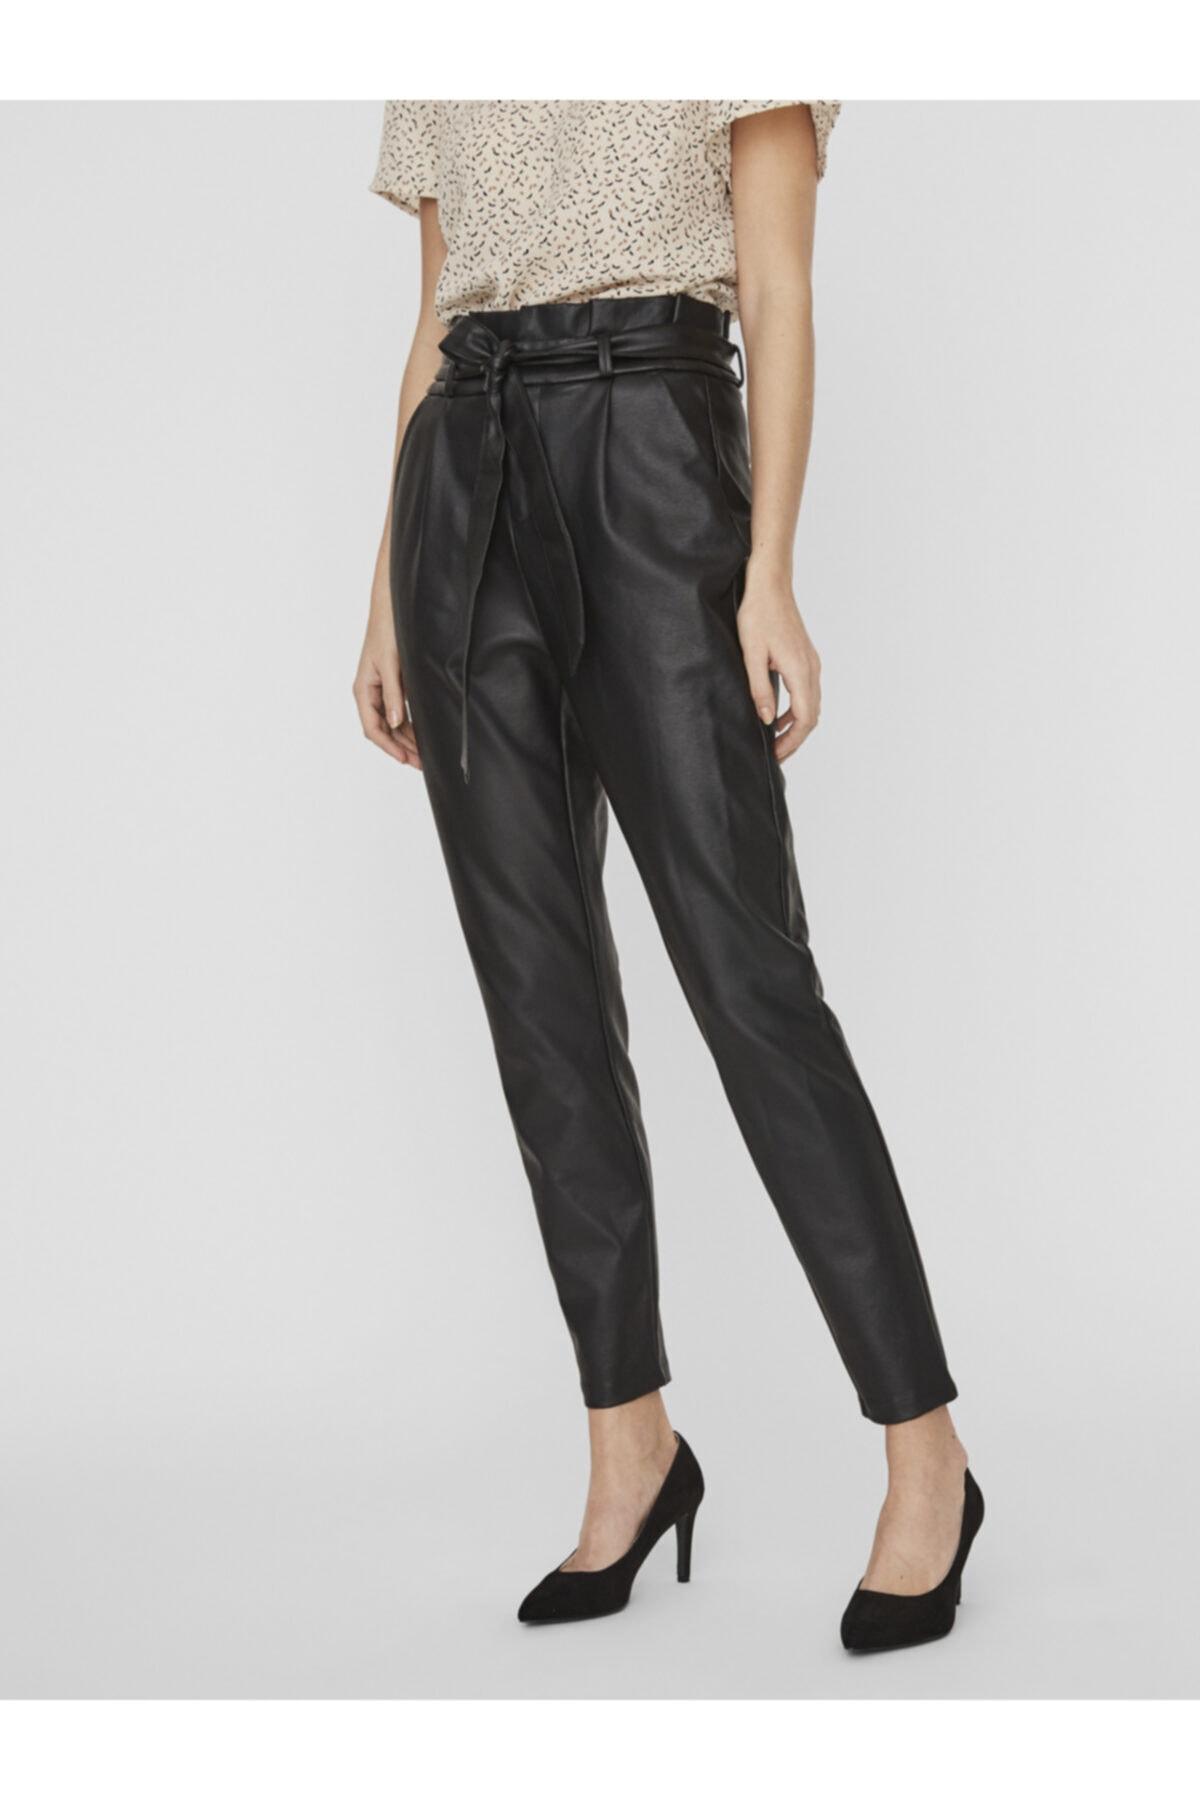 Vero Moda Kadın Siyah Paperbag Kaplama Pantolon 10232661 VMEVA 2